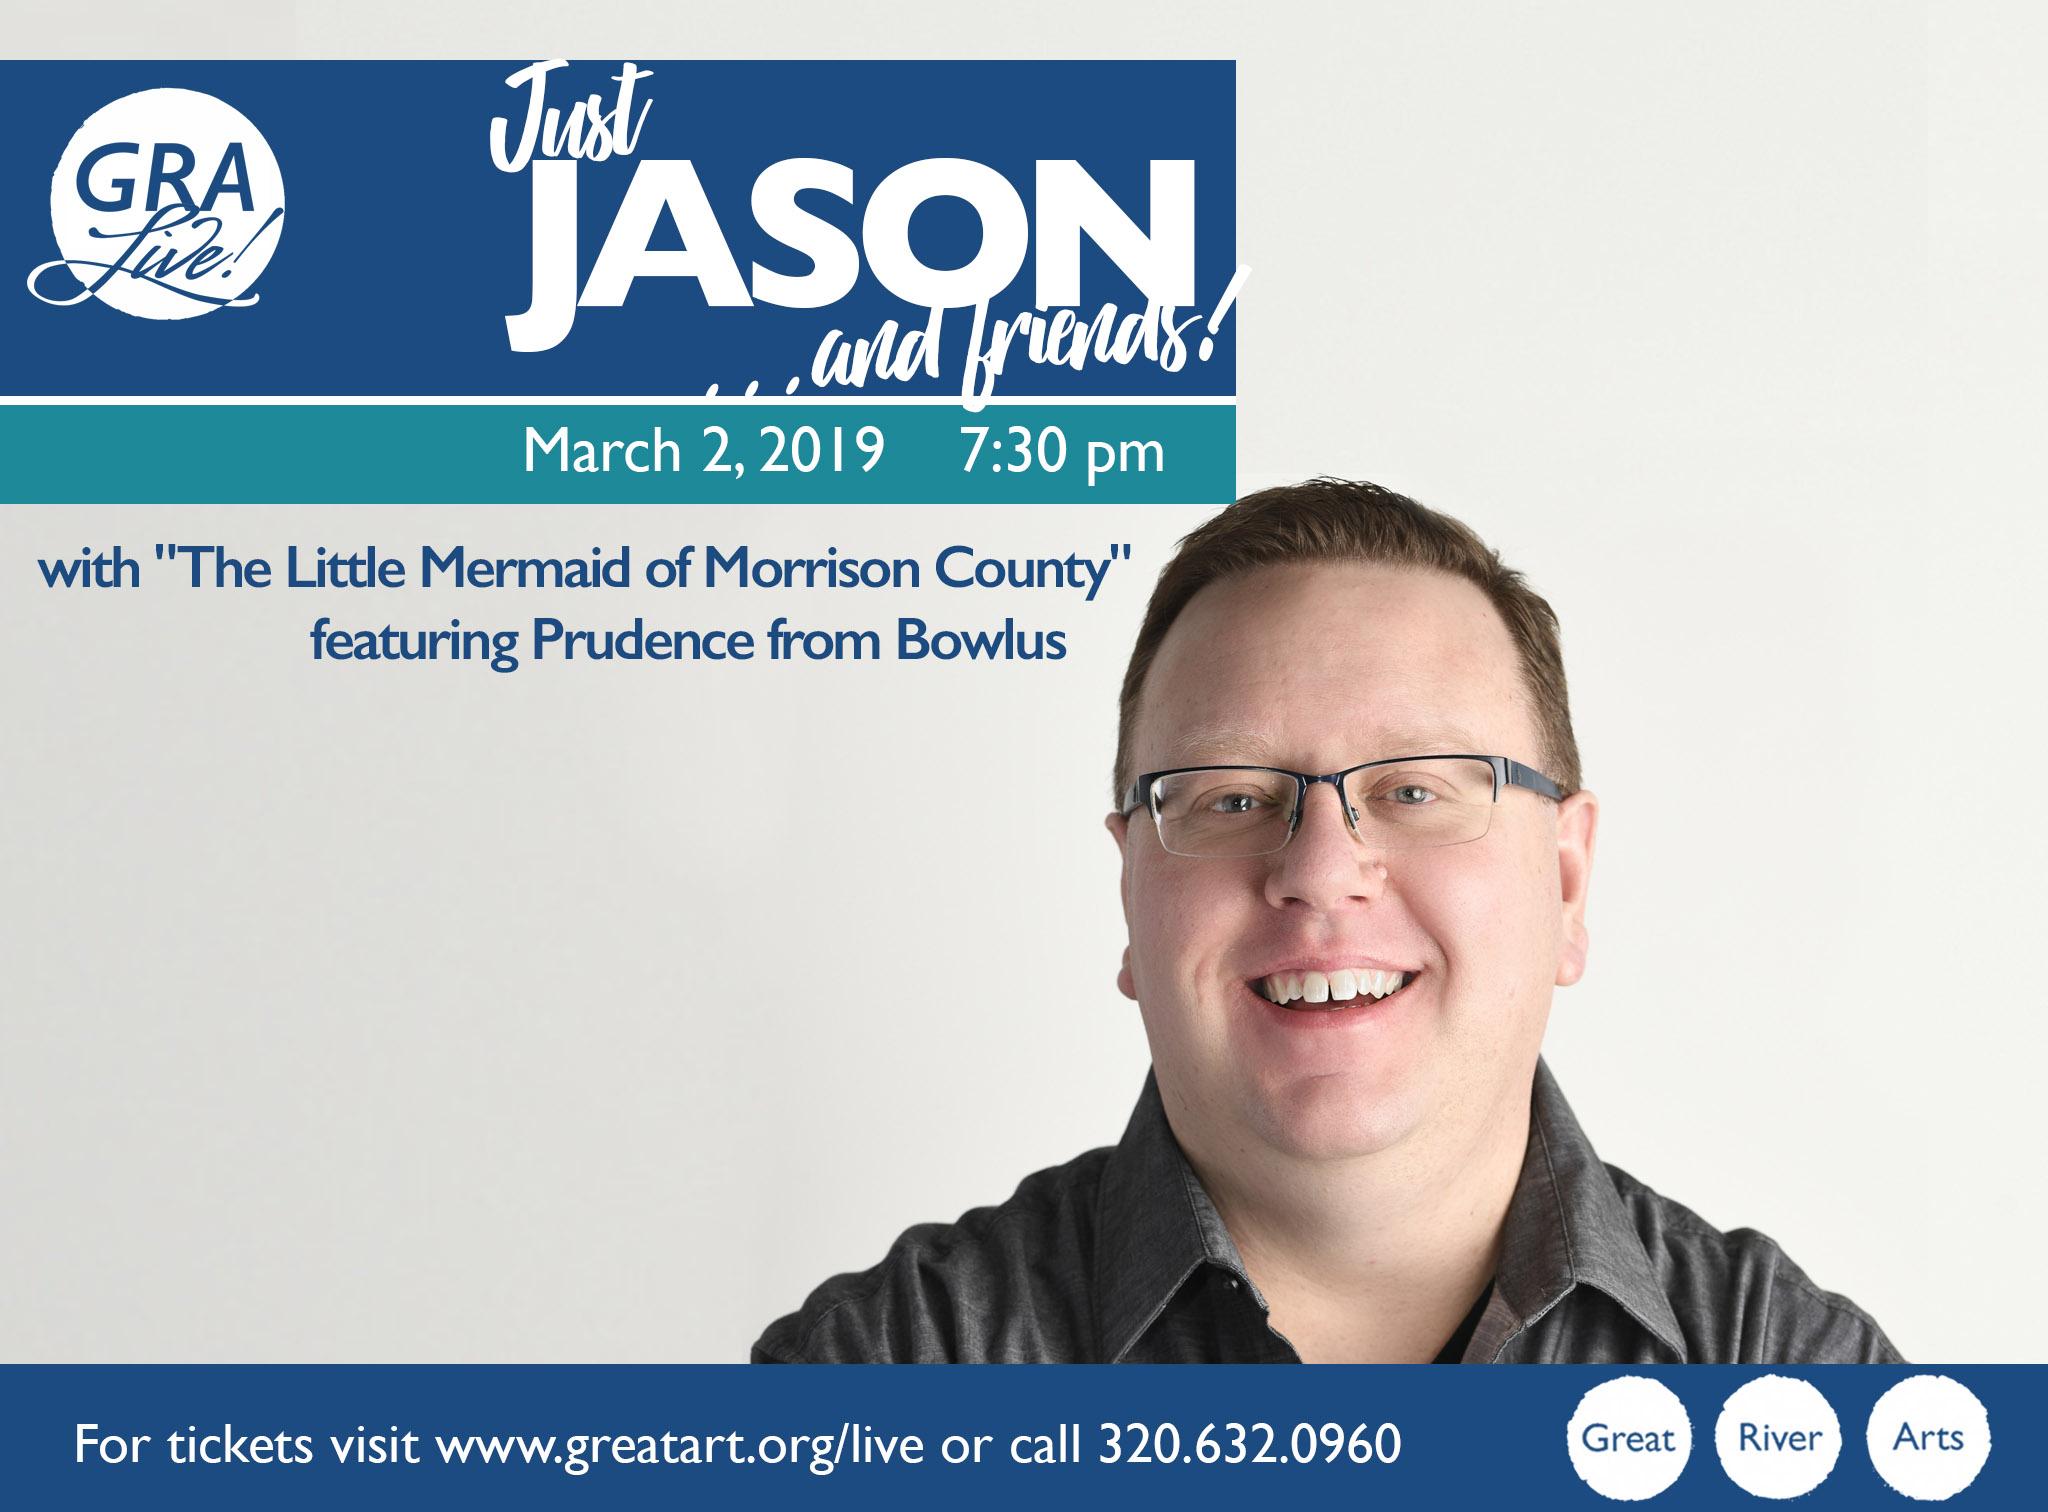 JustJason-banner.jpg